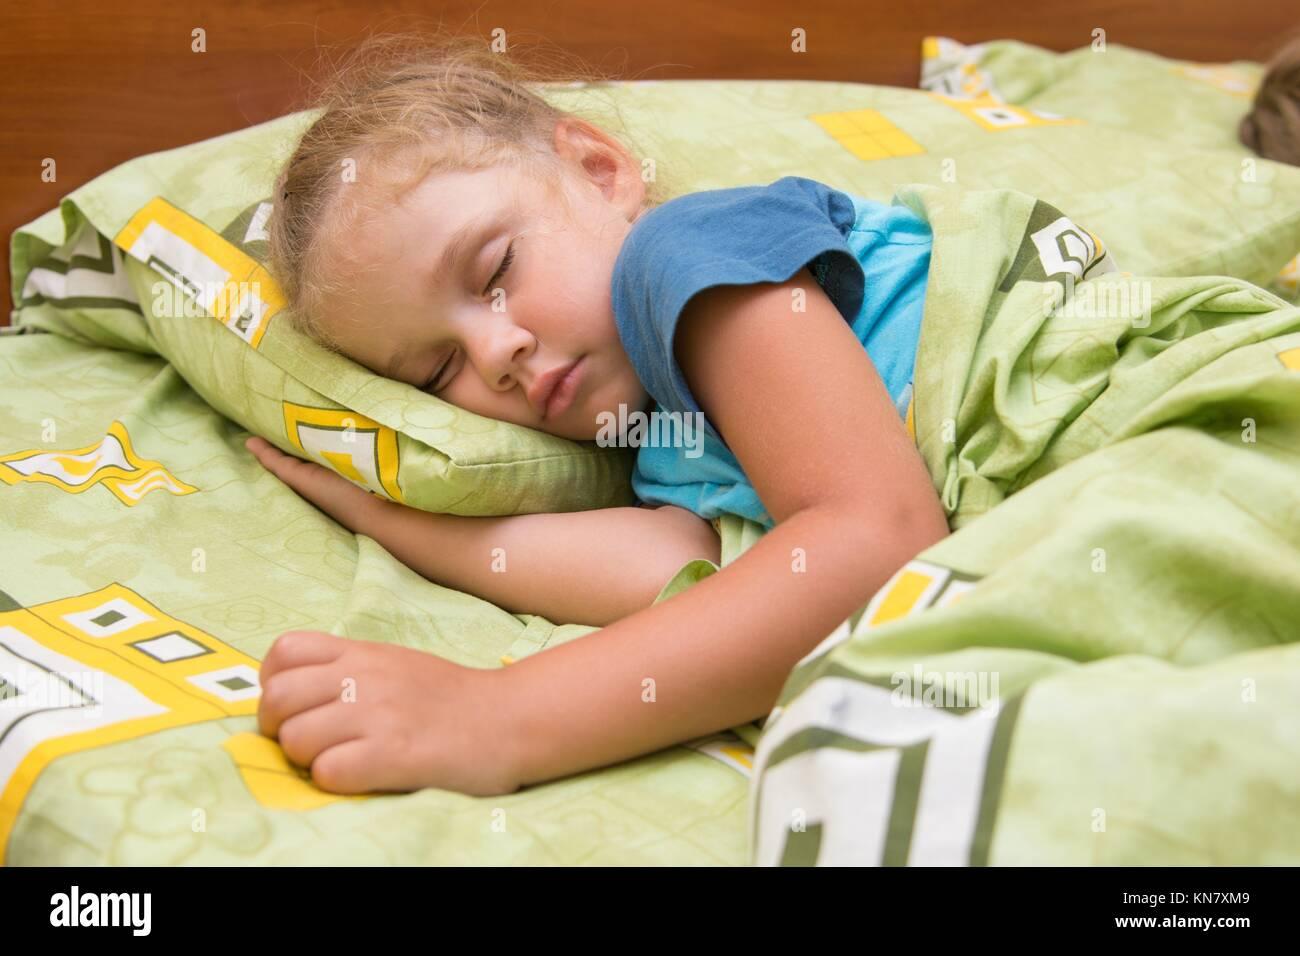 Стянул одеяло с сестры, Сводный брат забрался в постель к спящей сестре 11 фотография